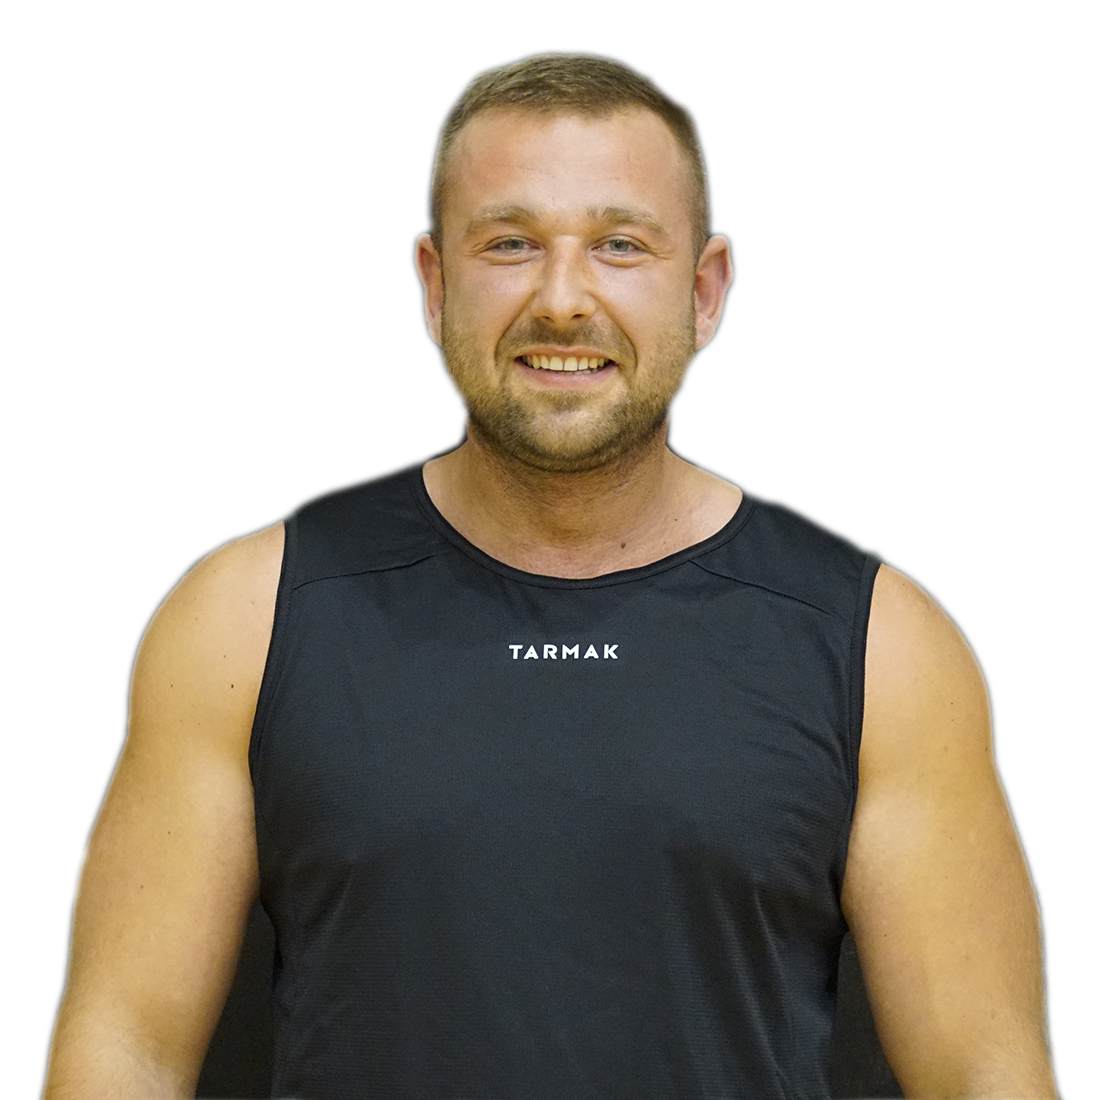 Damian Dawidziński